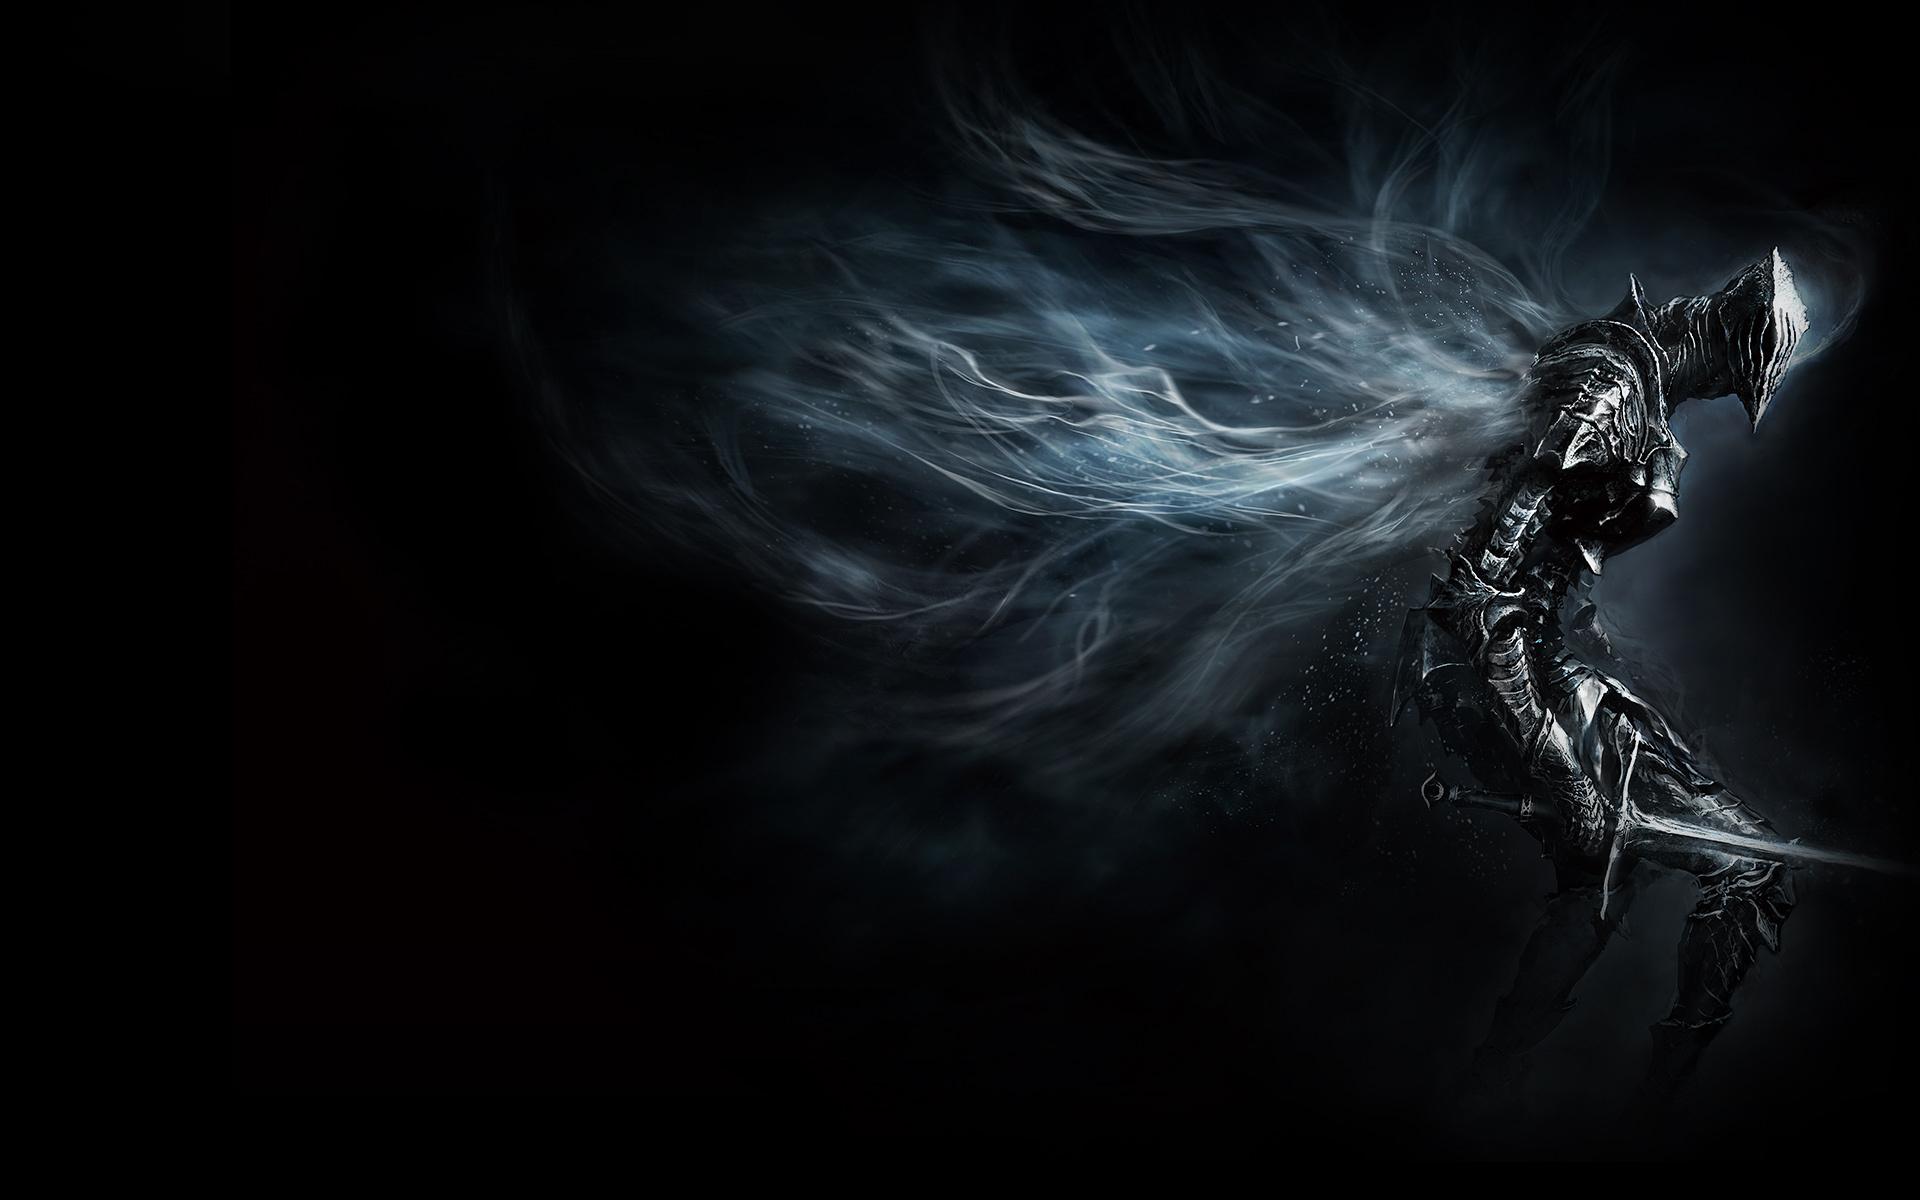 黑暗之魂3 22号(v1.14)升级档+未加密补丁[3DM]